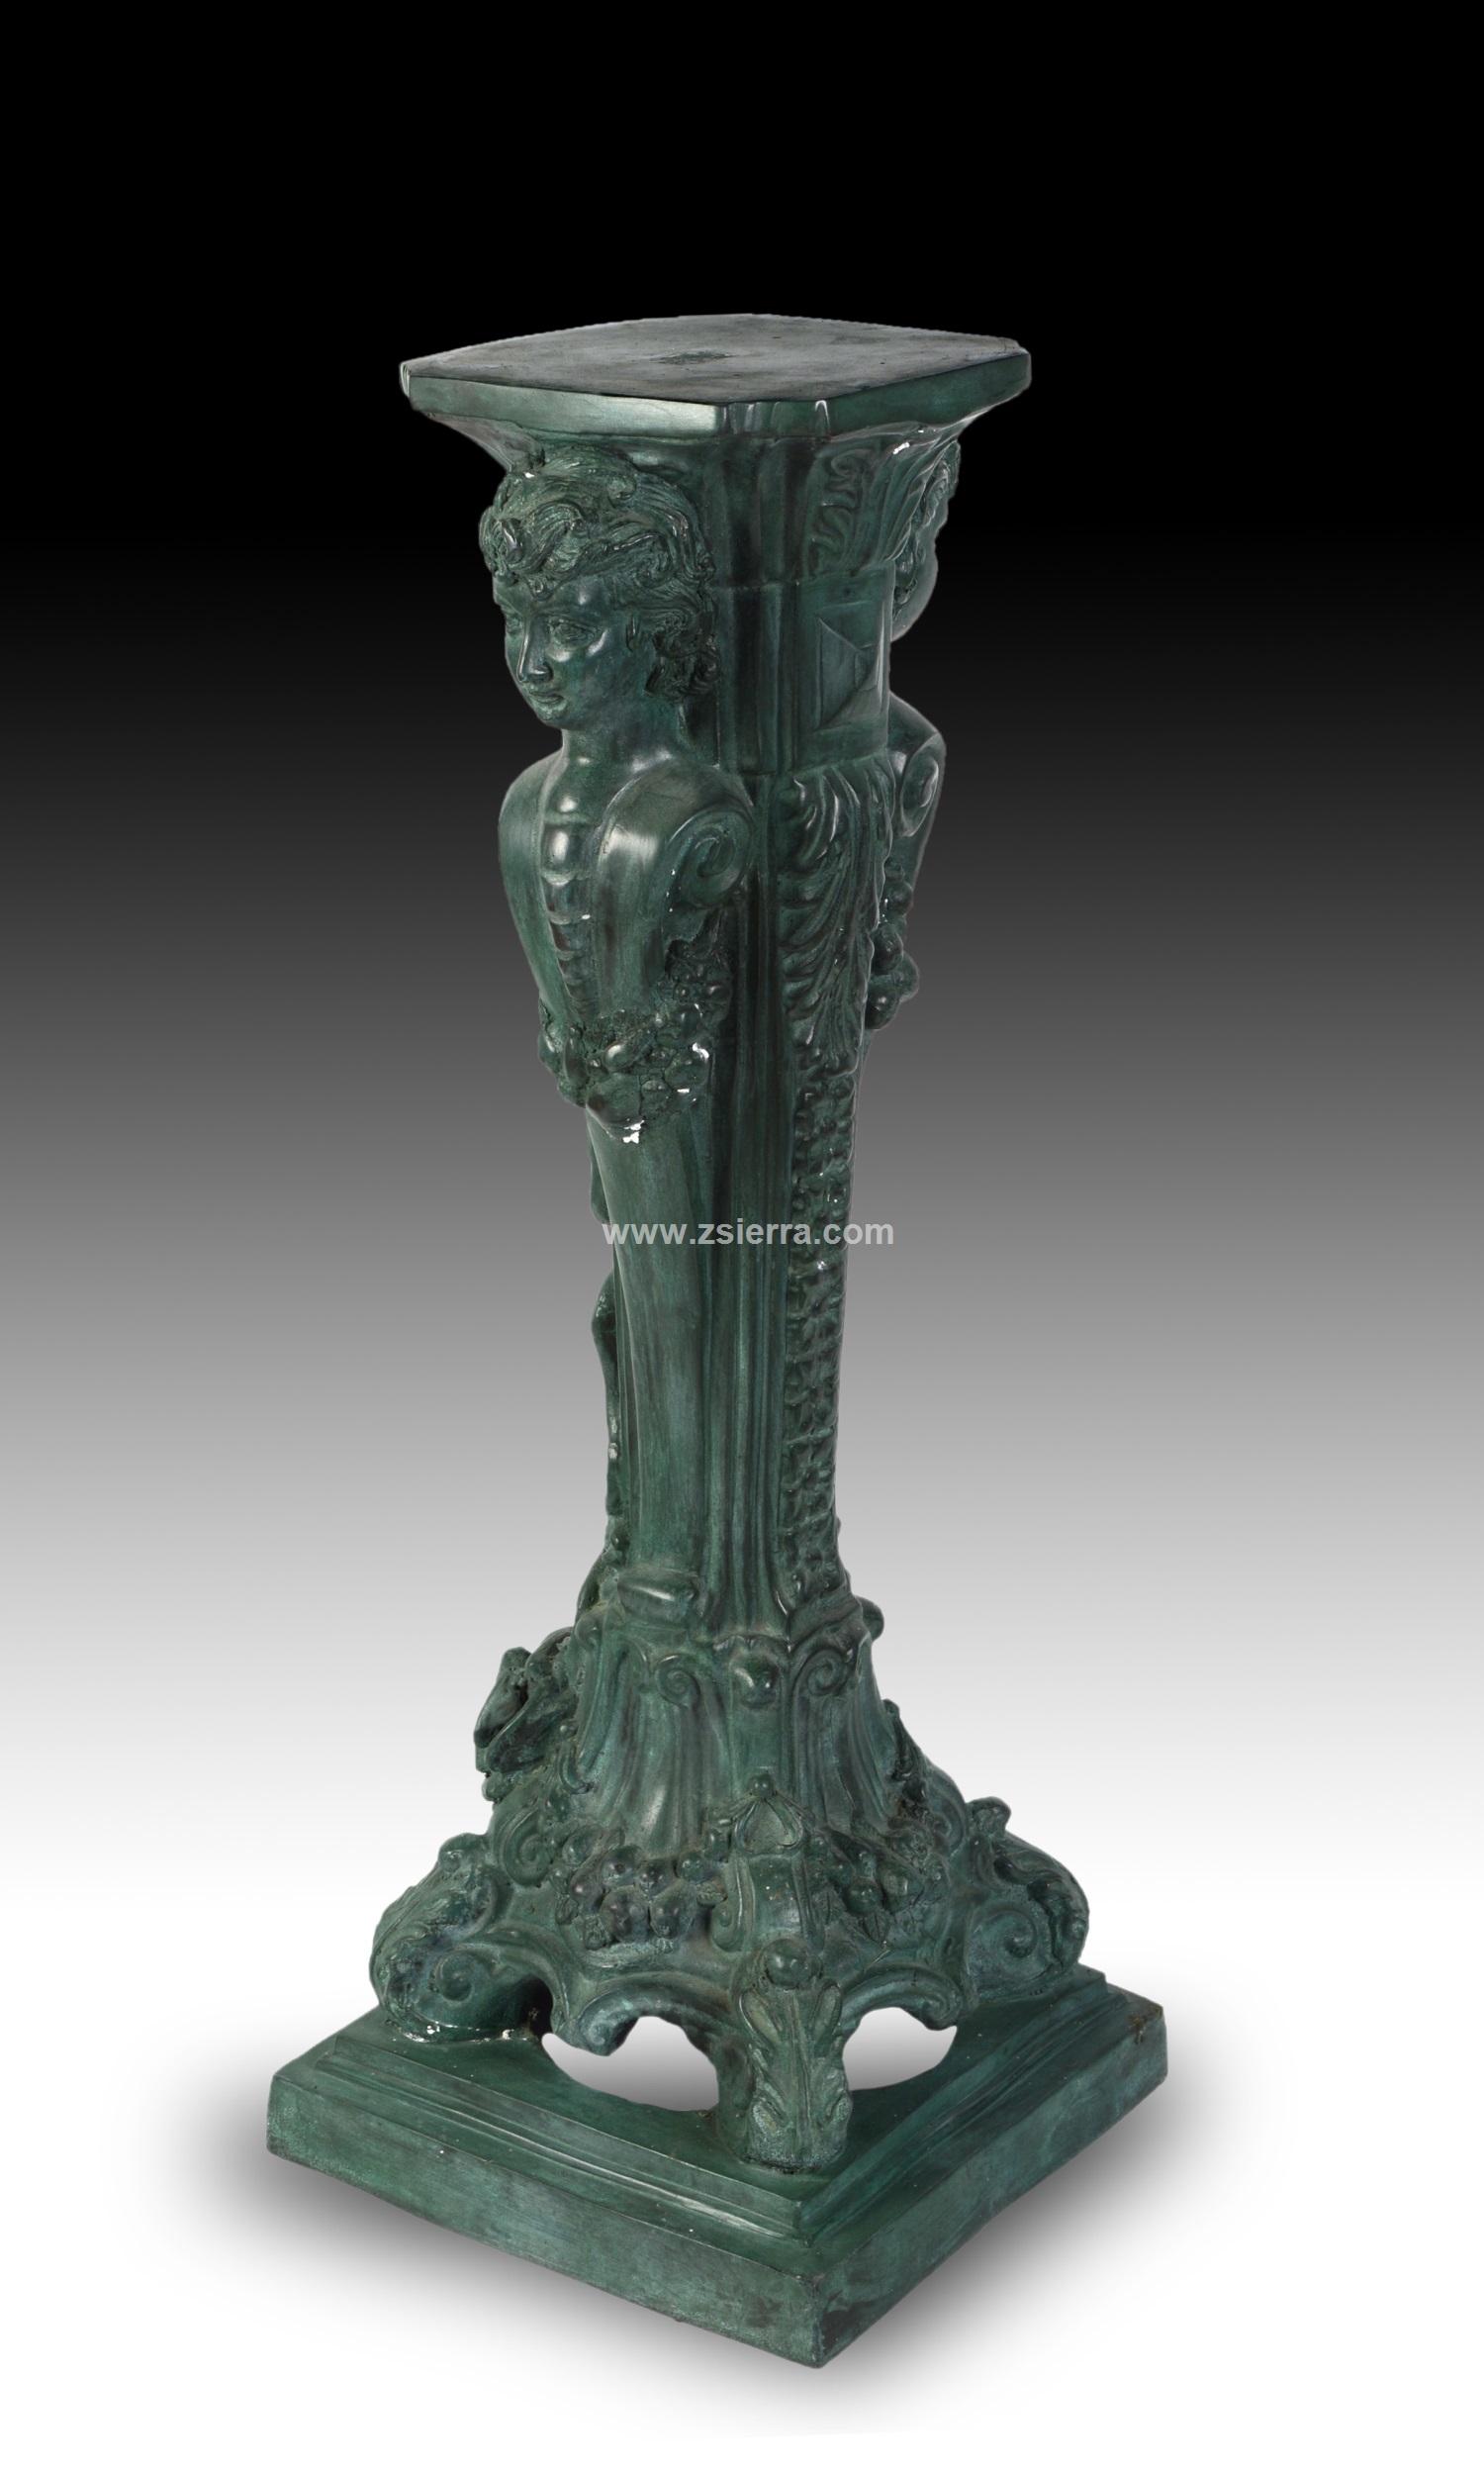 Z sierra antig edades y objetos de decoraci n peana - Esculturas decoracion ...